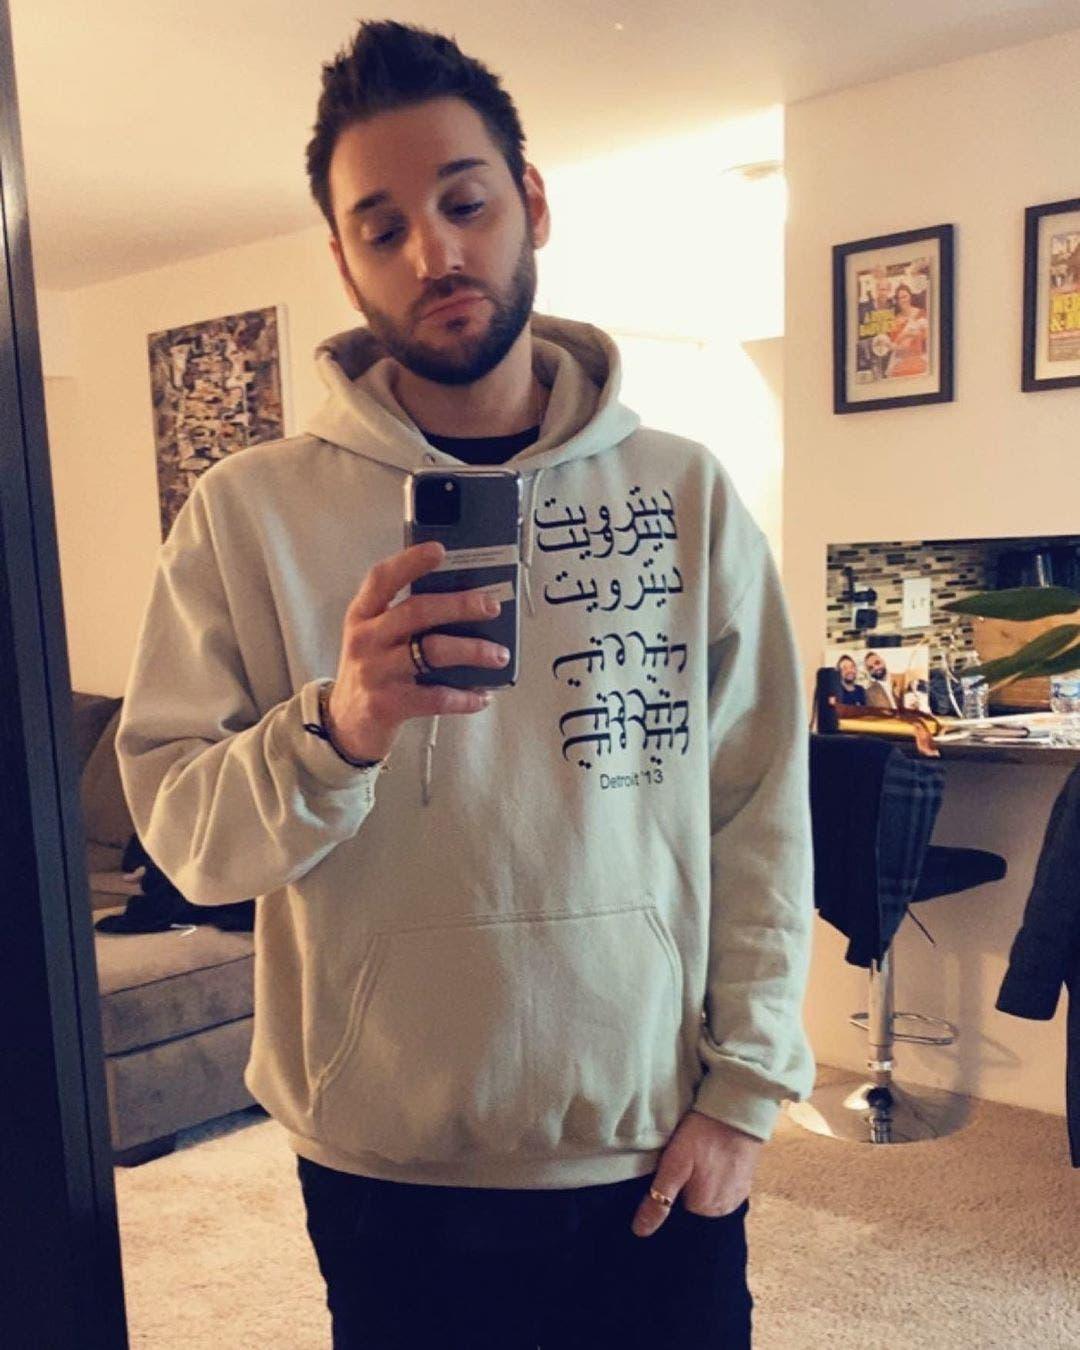 المصمم جورج خليفة